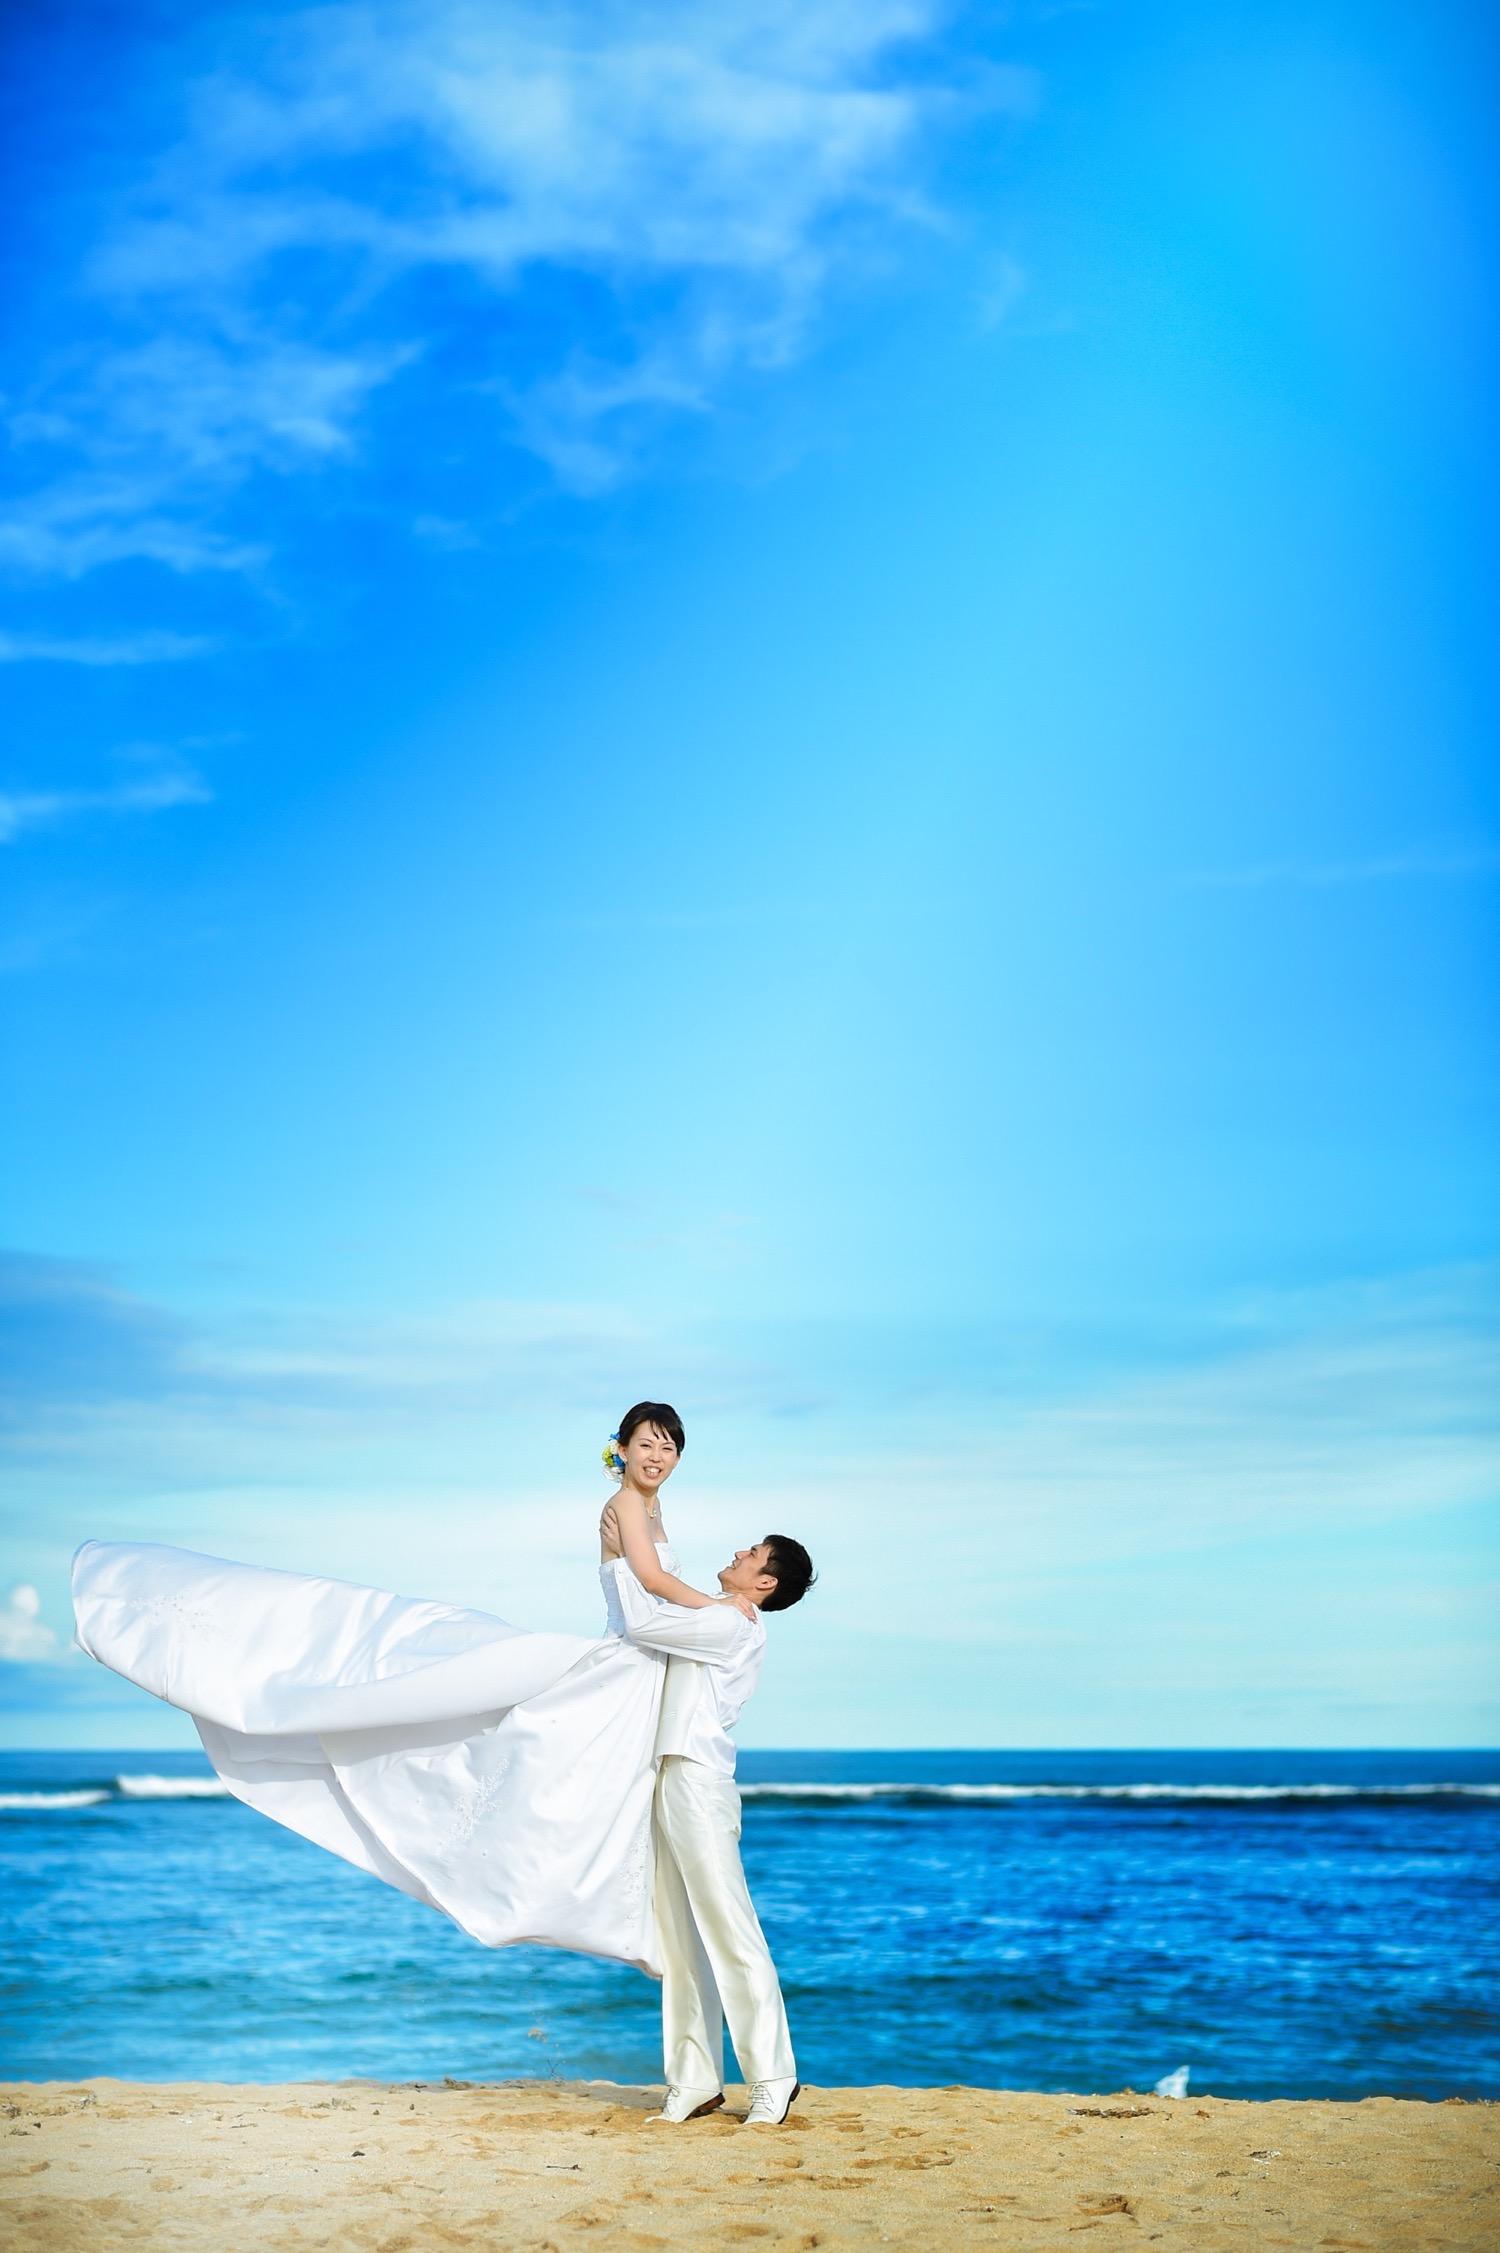 ホテル前のビーチで花嫁を抱き上げる花婿